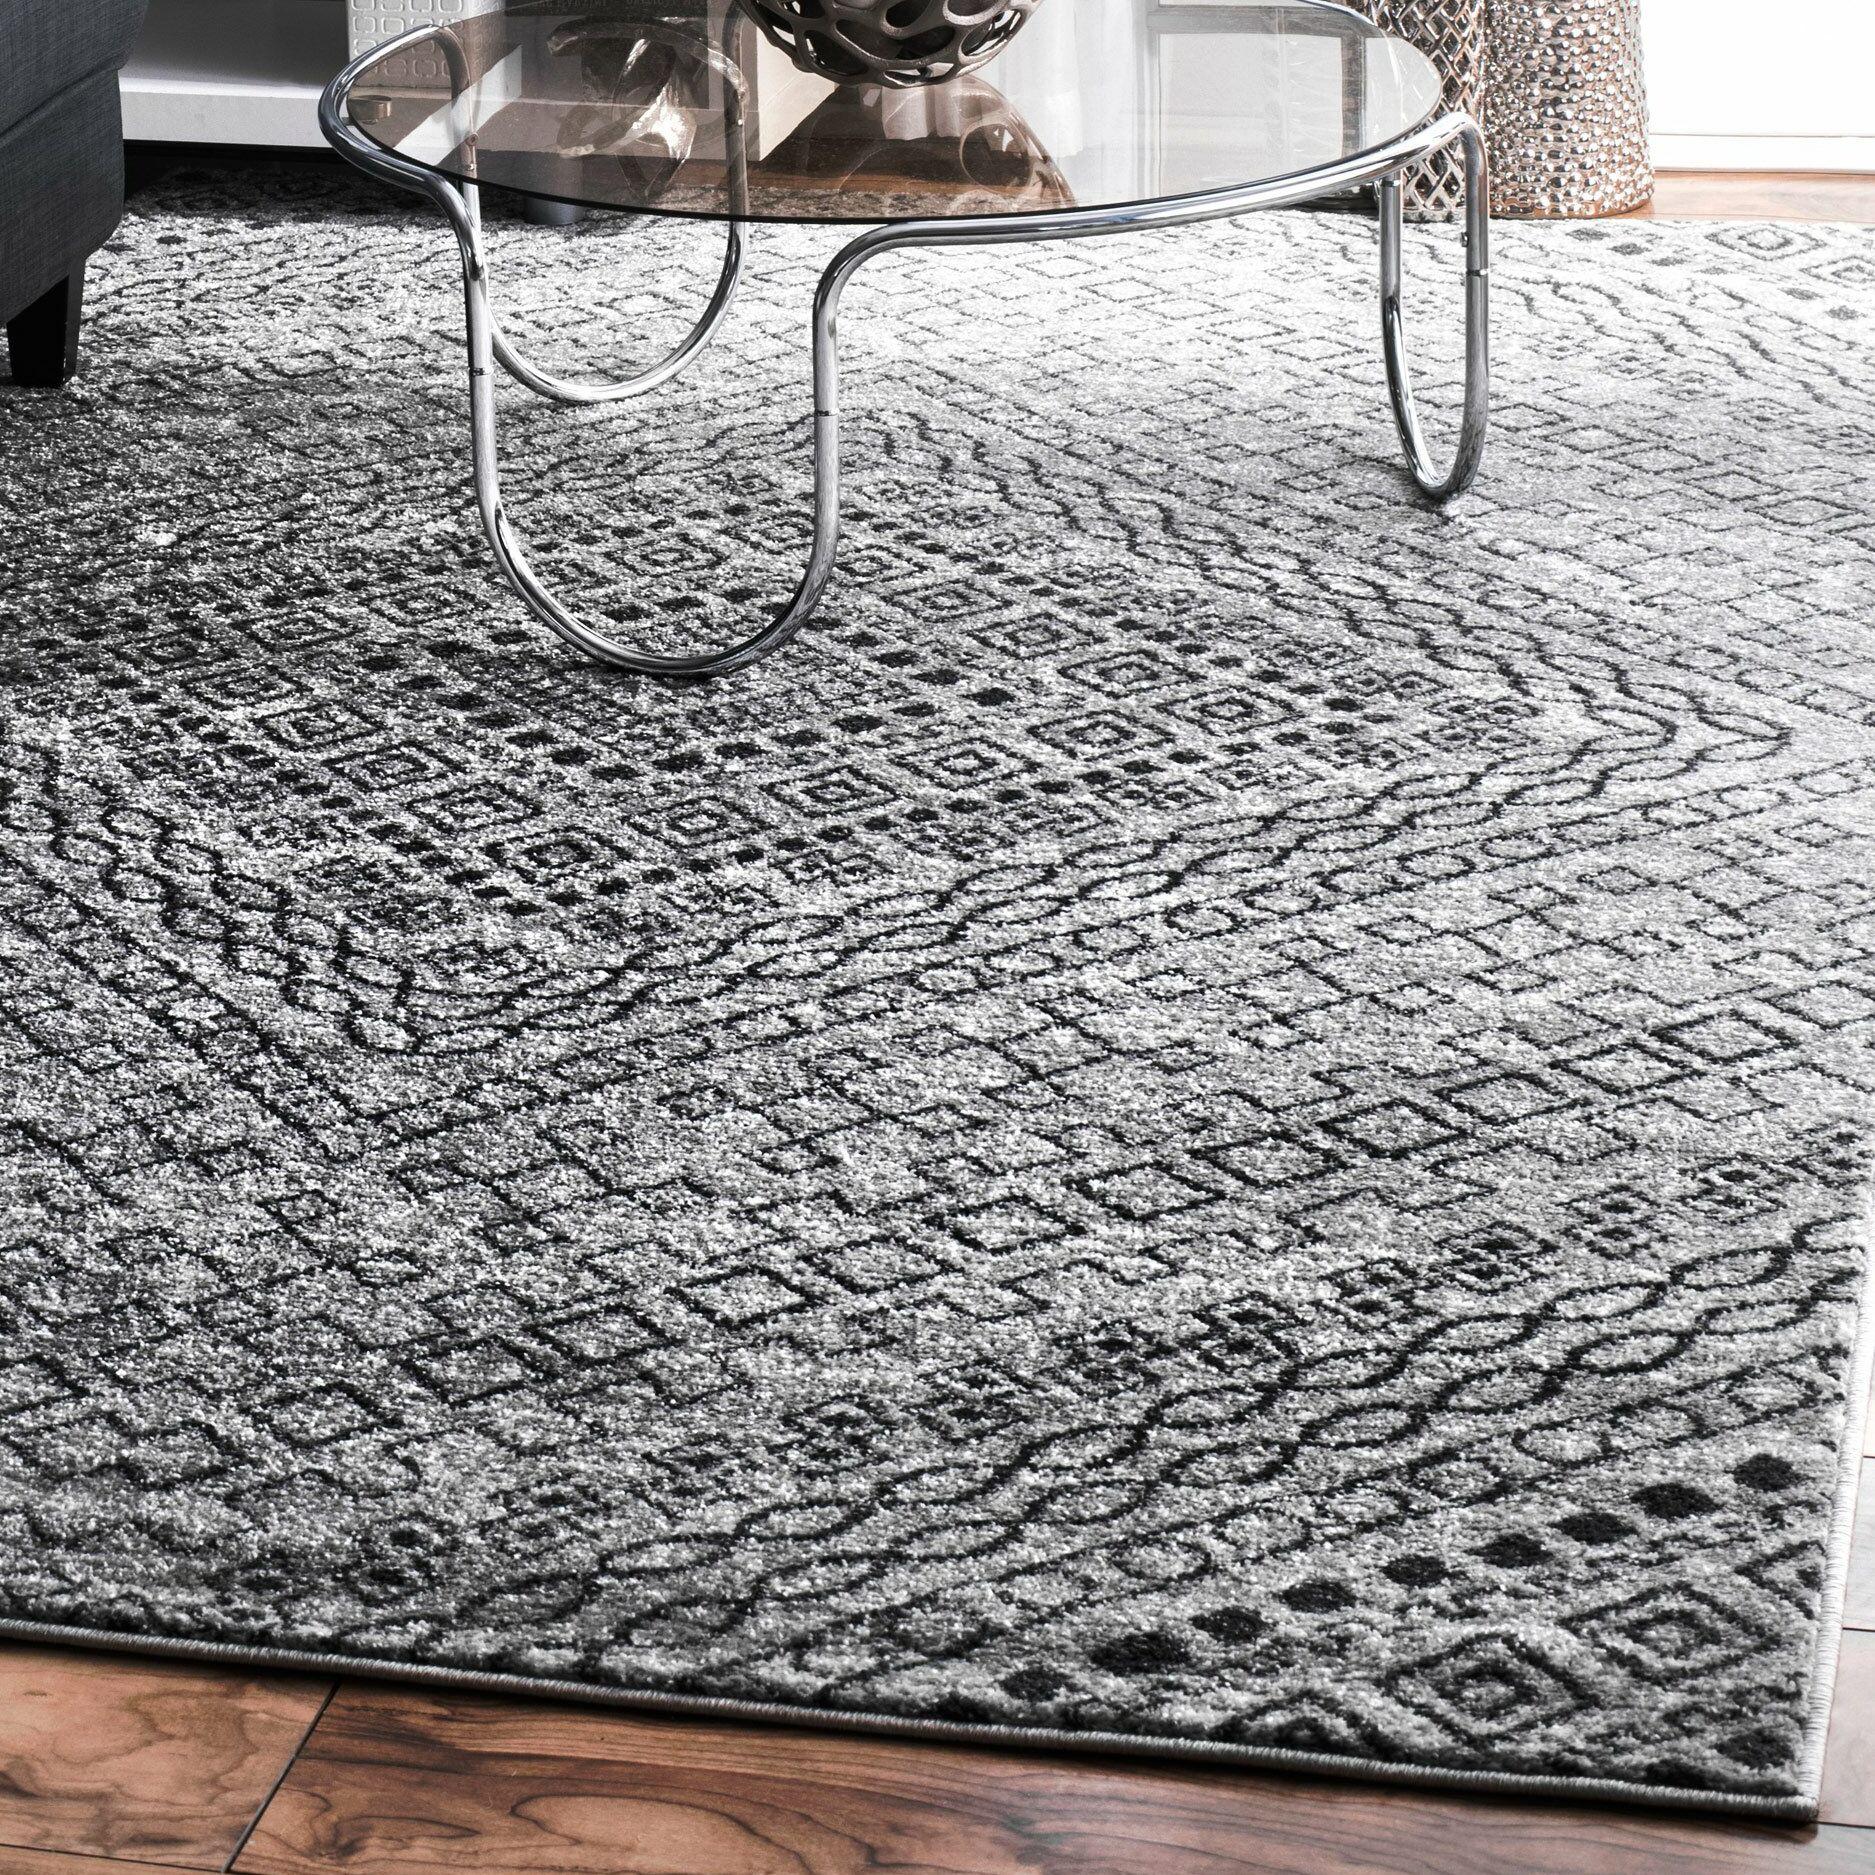 Sacramento Dark Gray Area Rug Rug Size: Rectangle 5' x 8'